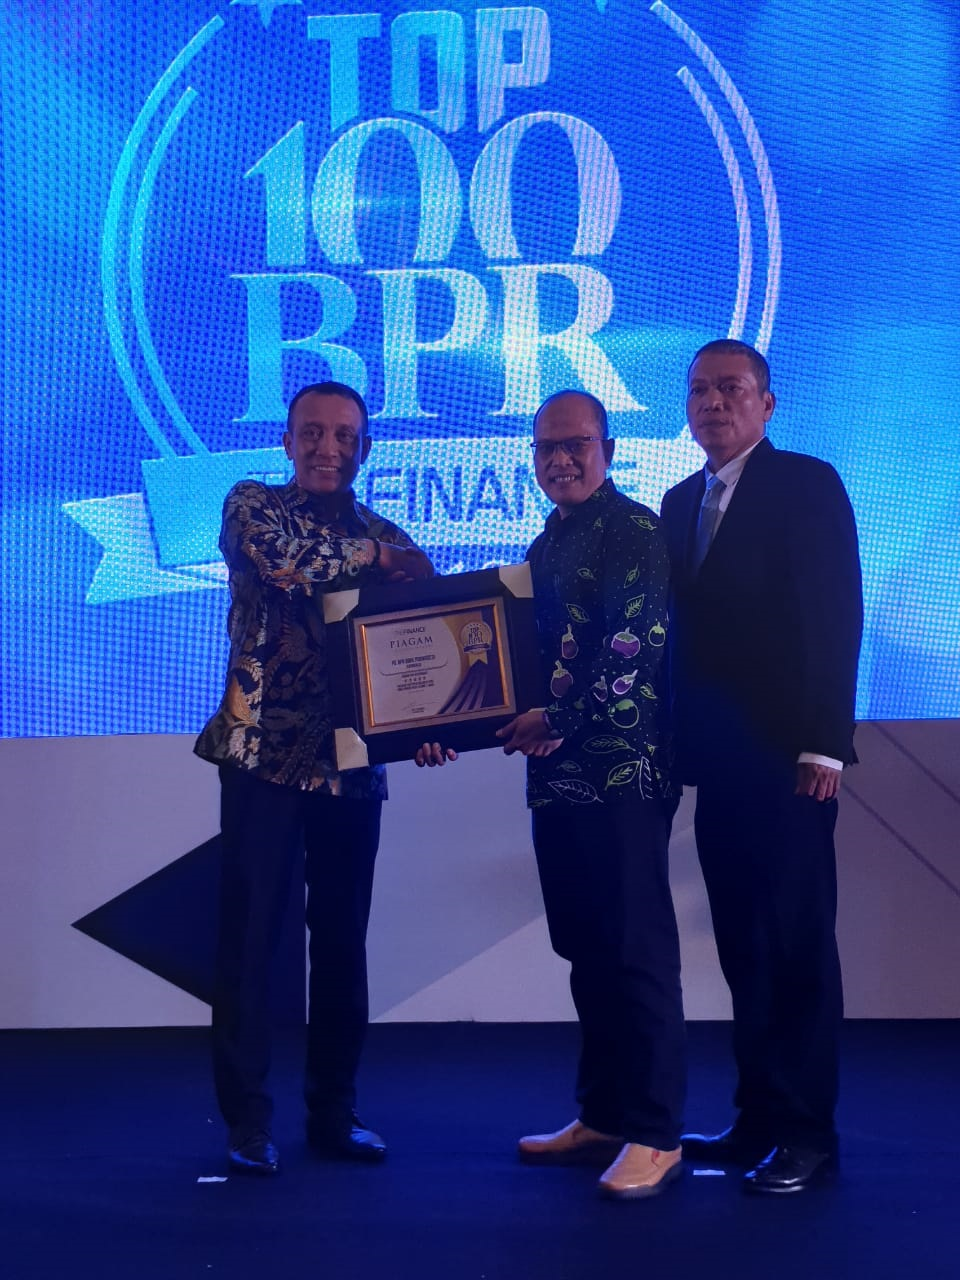 PD BPR Bank Purworejo Raih Penghargaan